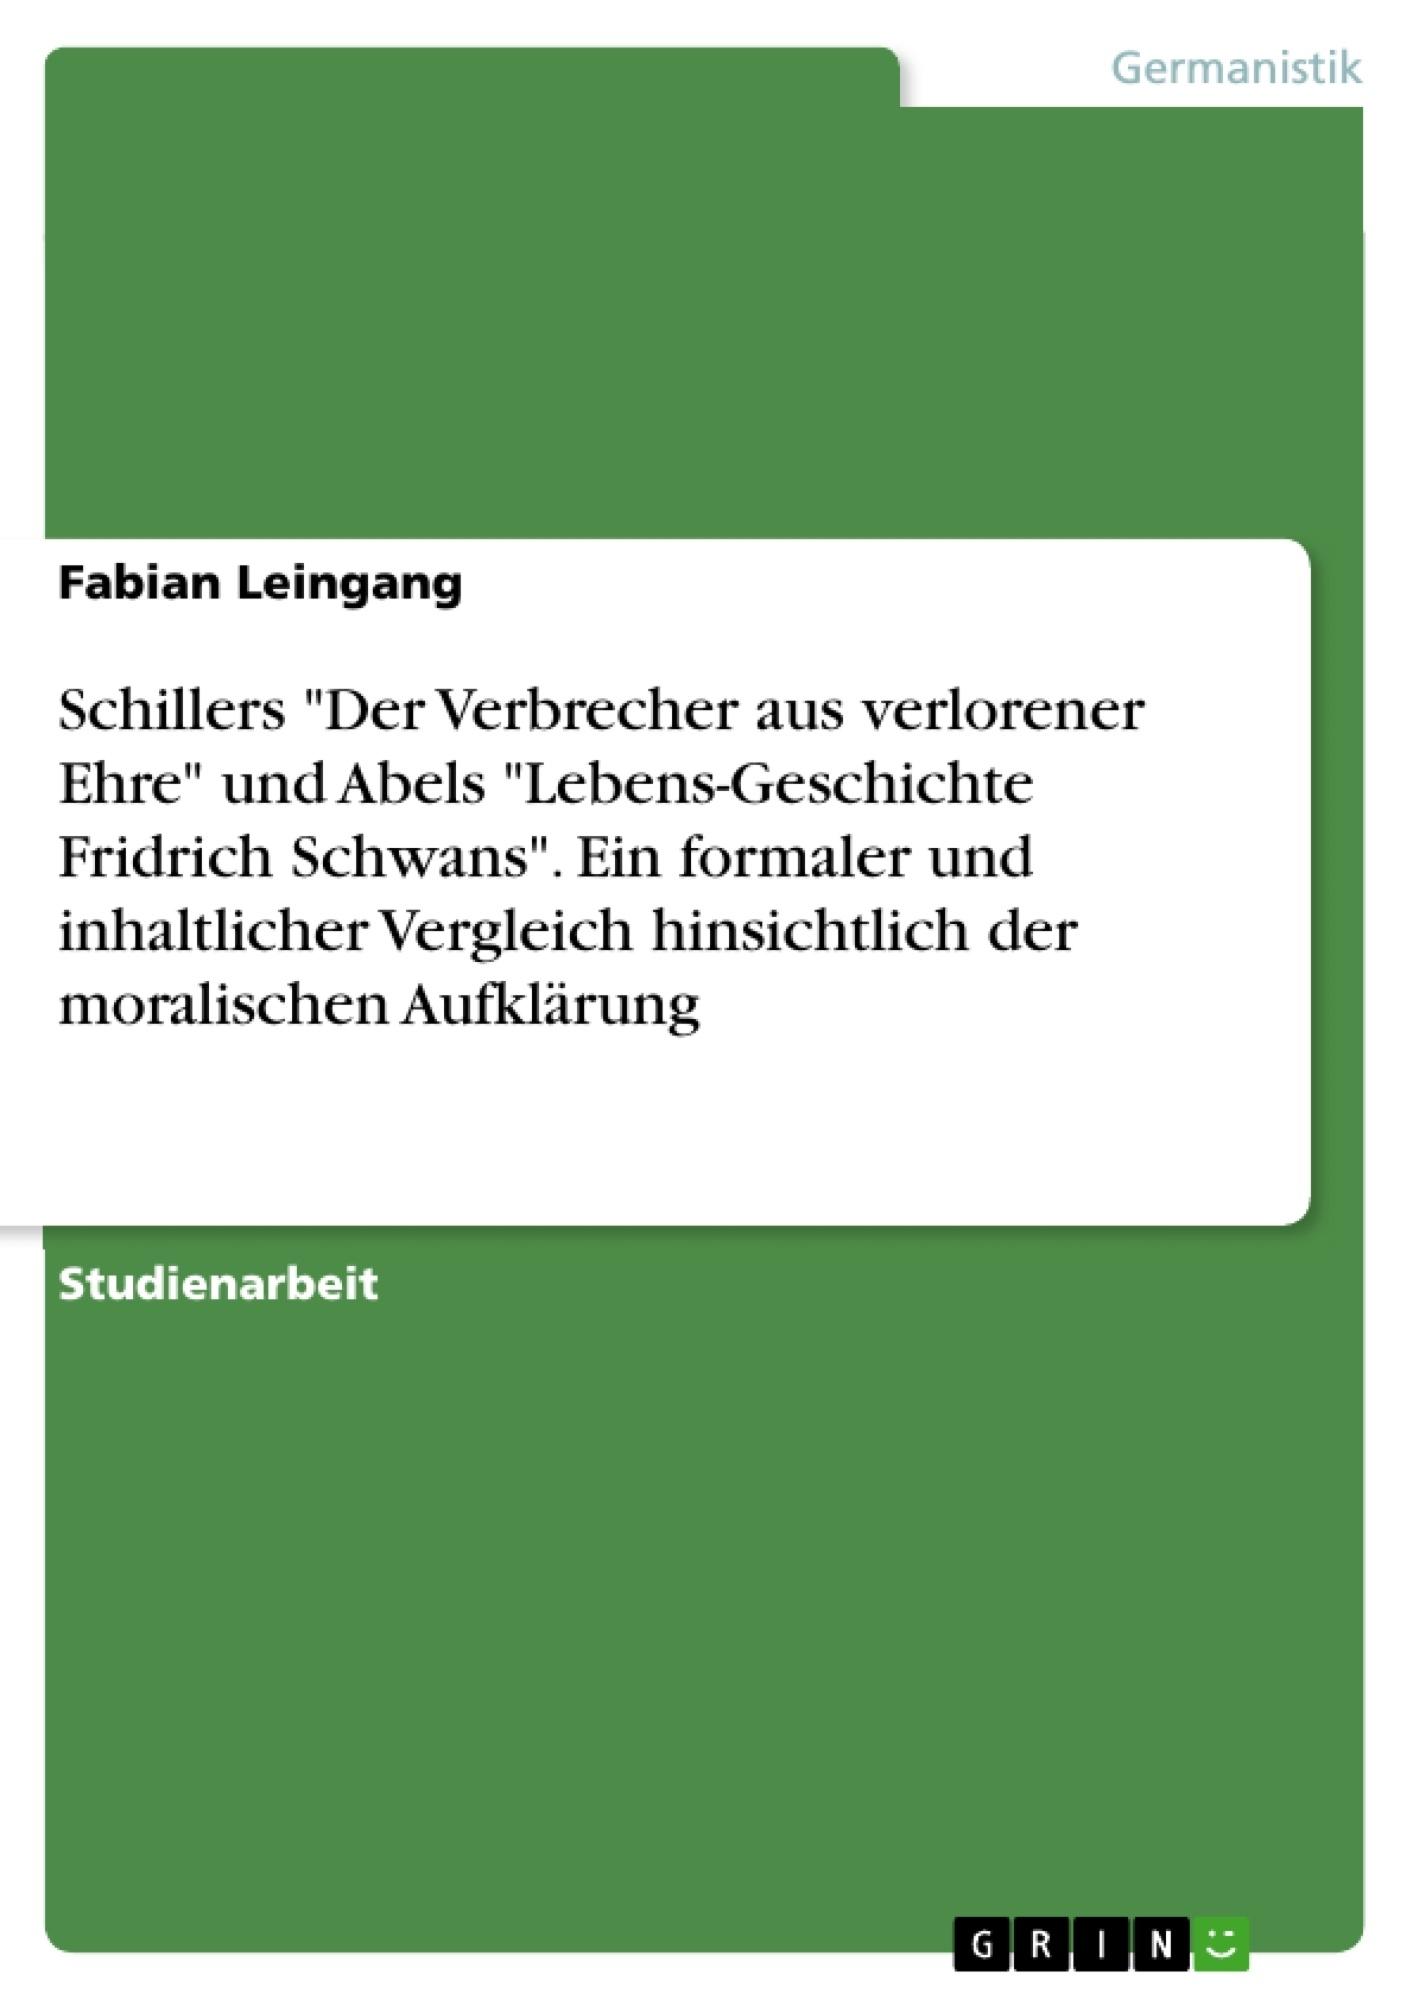 """Titel: Schillers """"Der Verbrecher aus verlorener Ehre"""" und Abels """"Lebens-Geschichte Fridrich Schwans"""". Ein formaler und inhaltlicher Vergleich hinsichtlich der moralischen Aufklärung"""